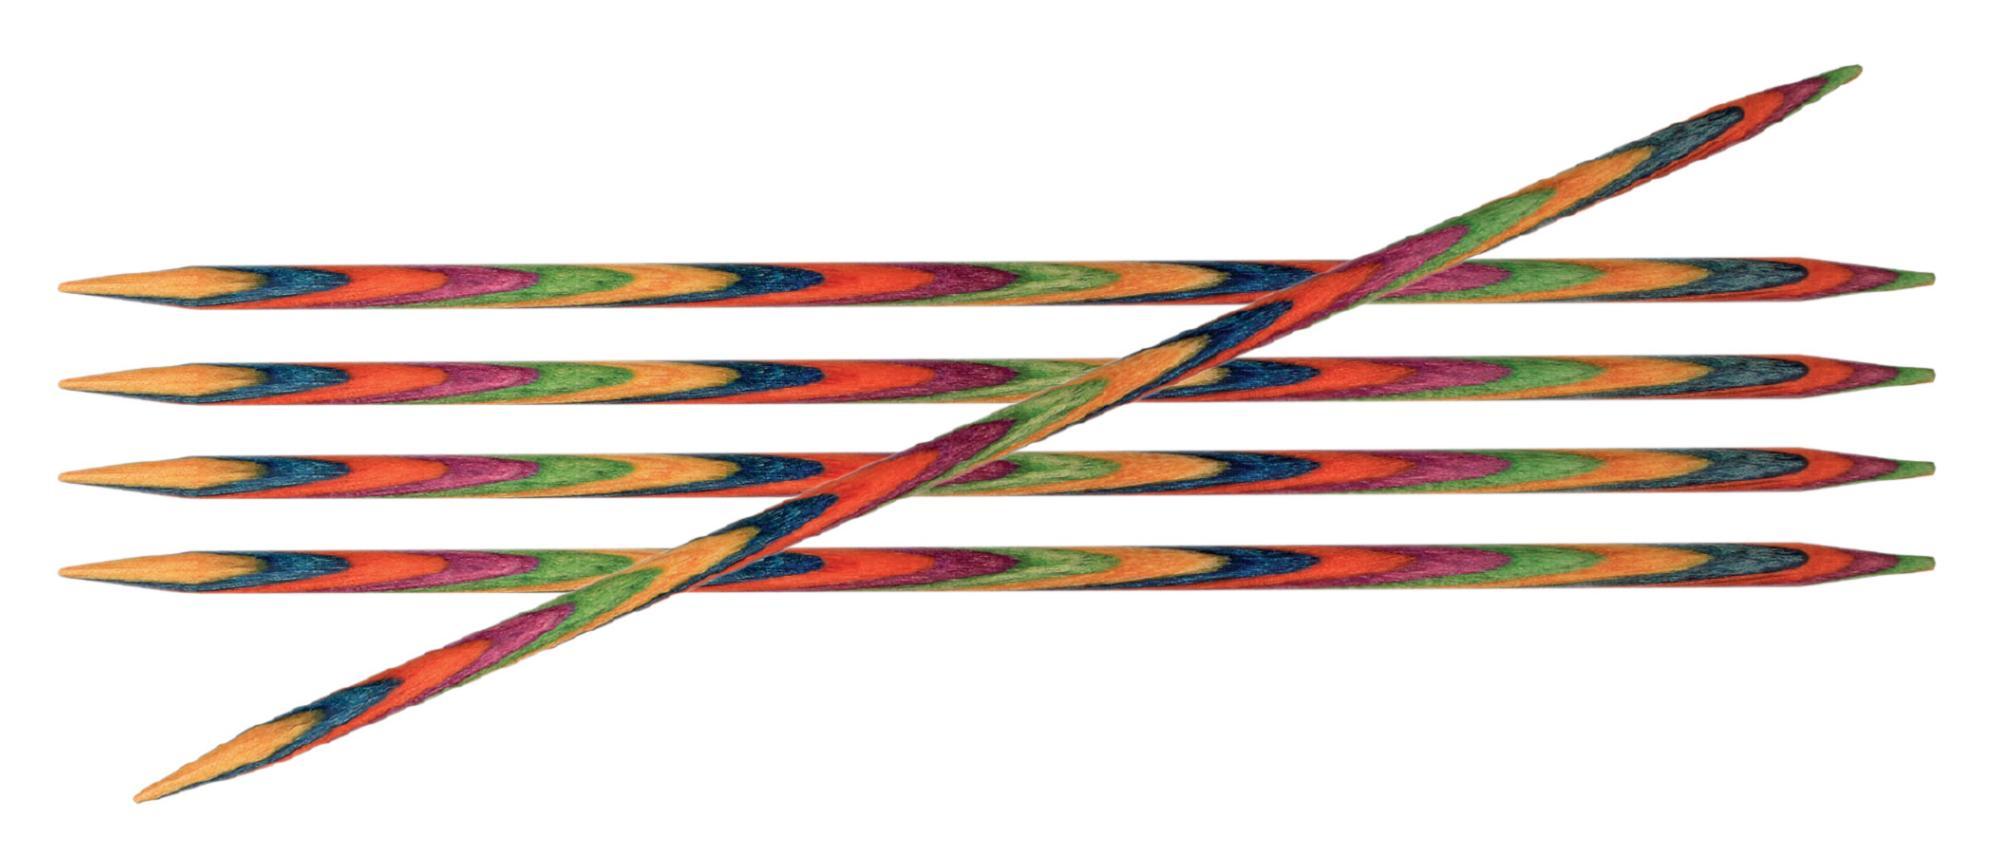 Спицы носочные 20 см Symfonie Wood KnitPro, 20107, 3.50 мм